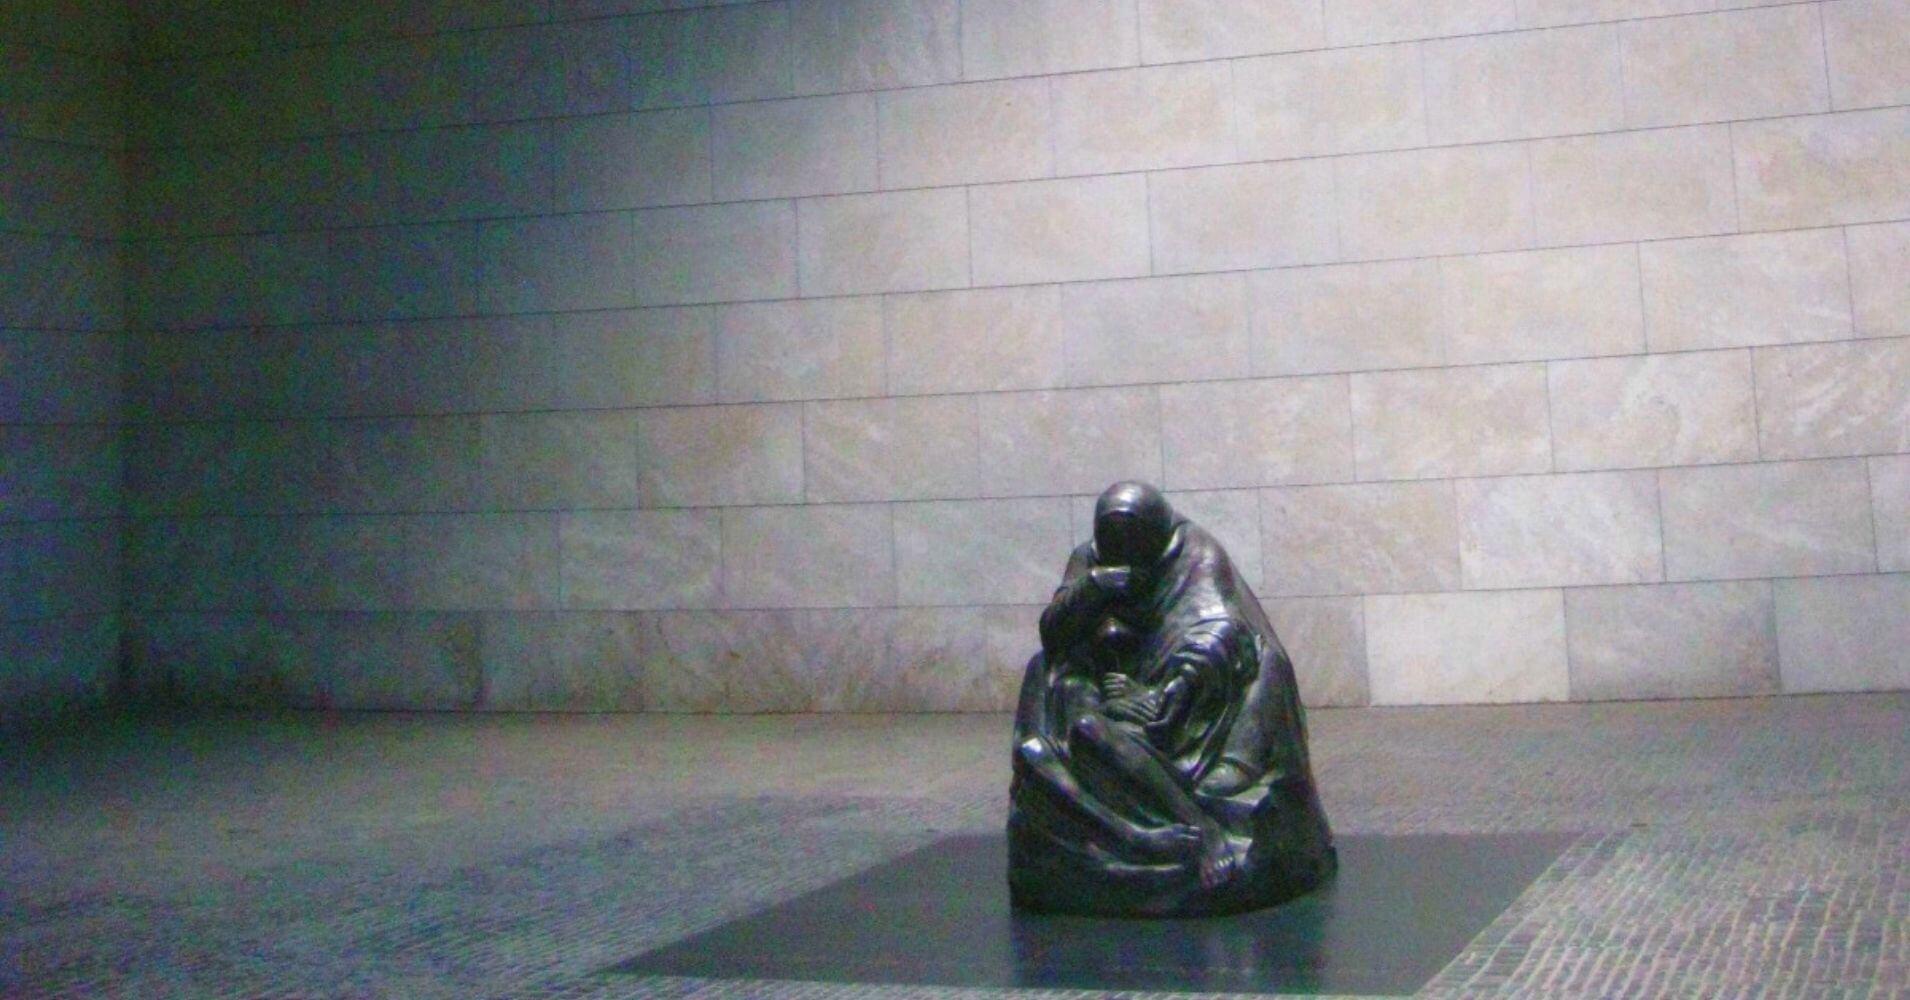 Neue Wache acoge el Monumento a las victimas del Fascismo. Berlín, Alemania.